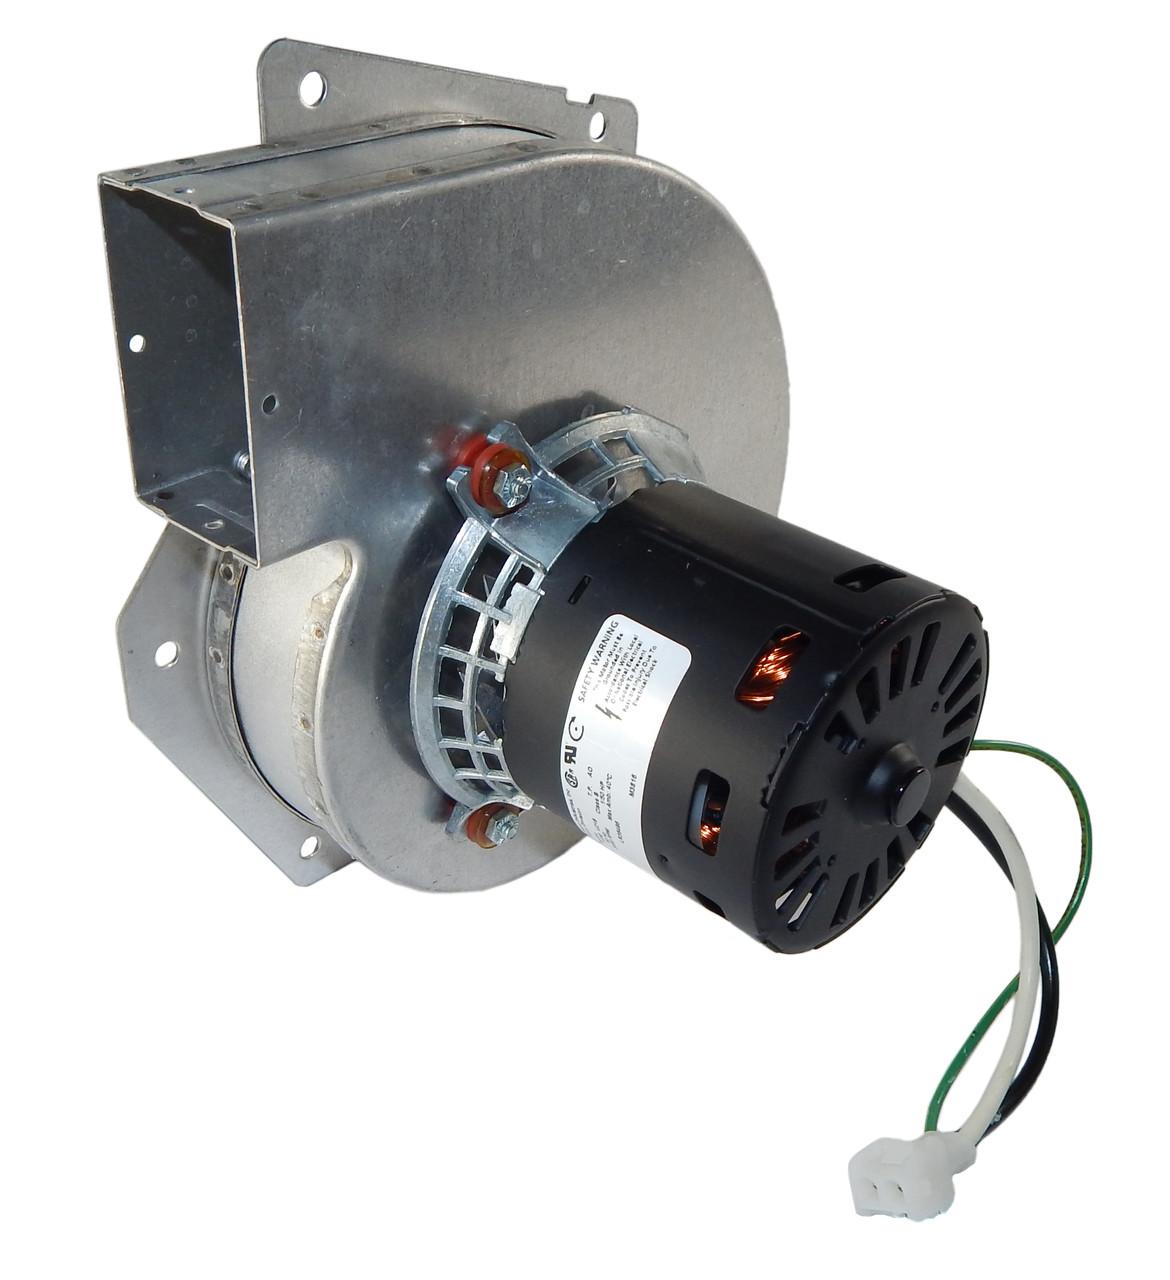 medium resolution of trane furnace draft inducer blower jakel j238 138 1344 115v fasco a143